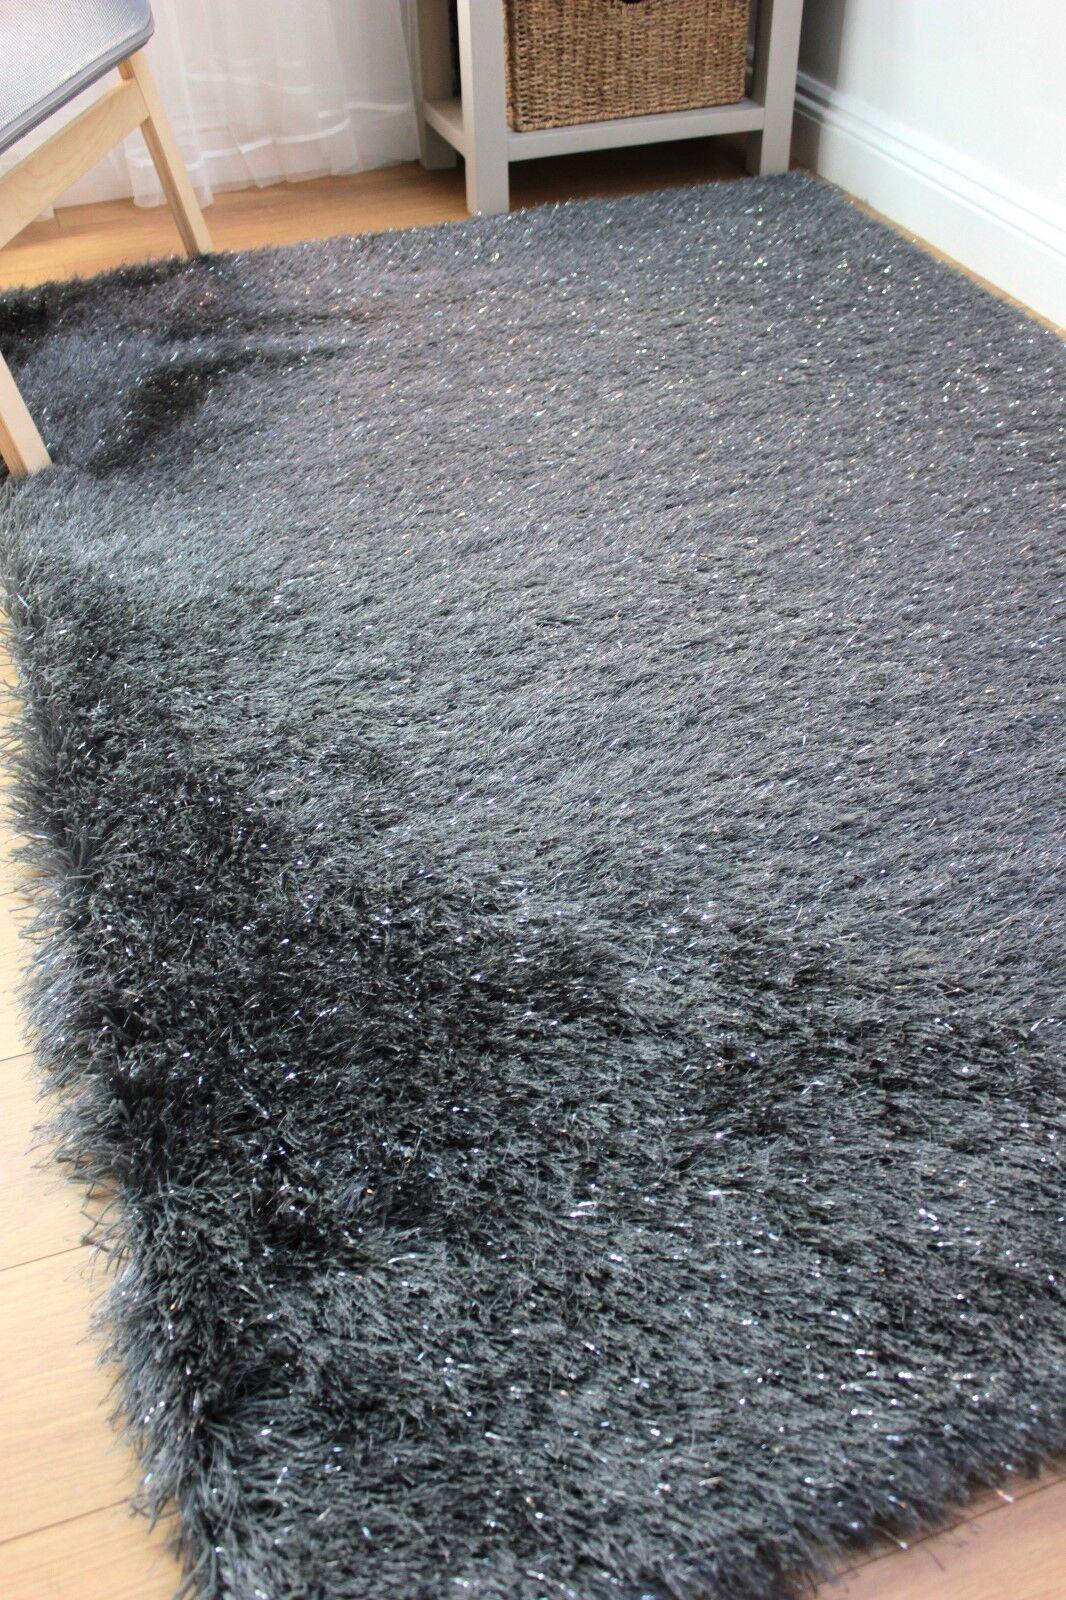 DAZZLE SPARKLE CHARCOAL SILKY SOFT PILE  SHAGGY SHAGGY SHAGGY RUG available in various Größes 7f90c5